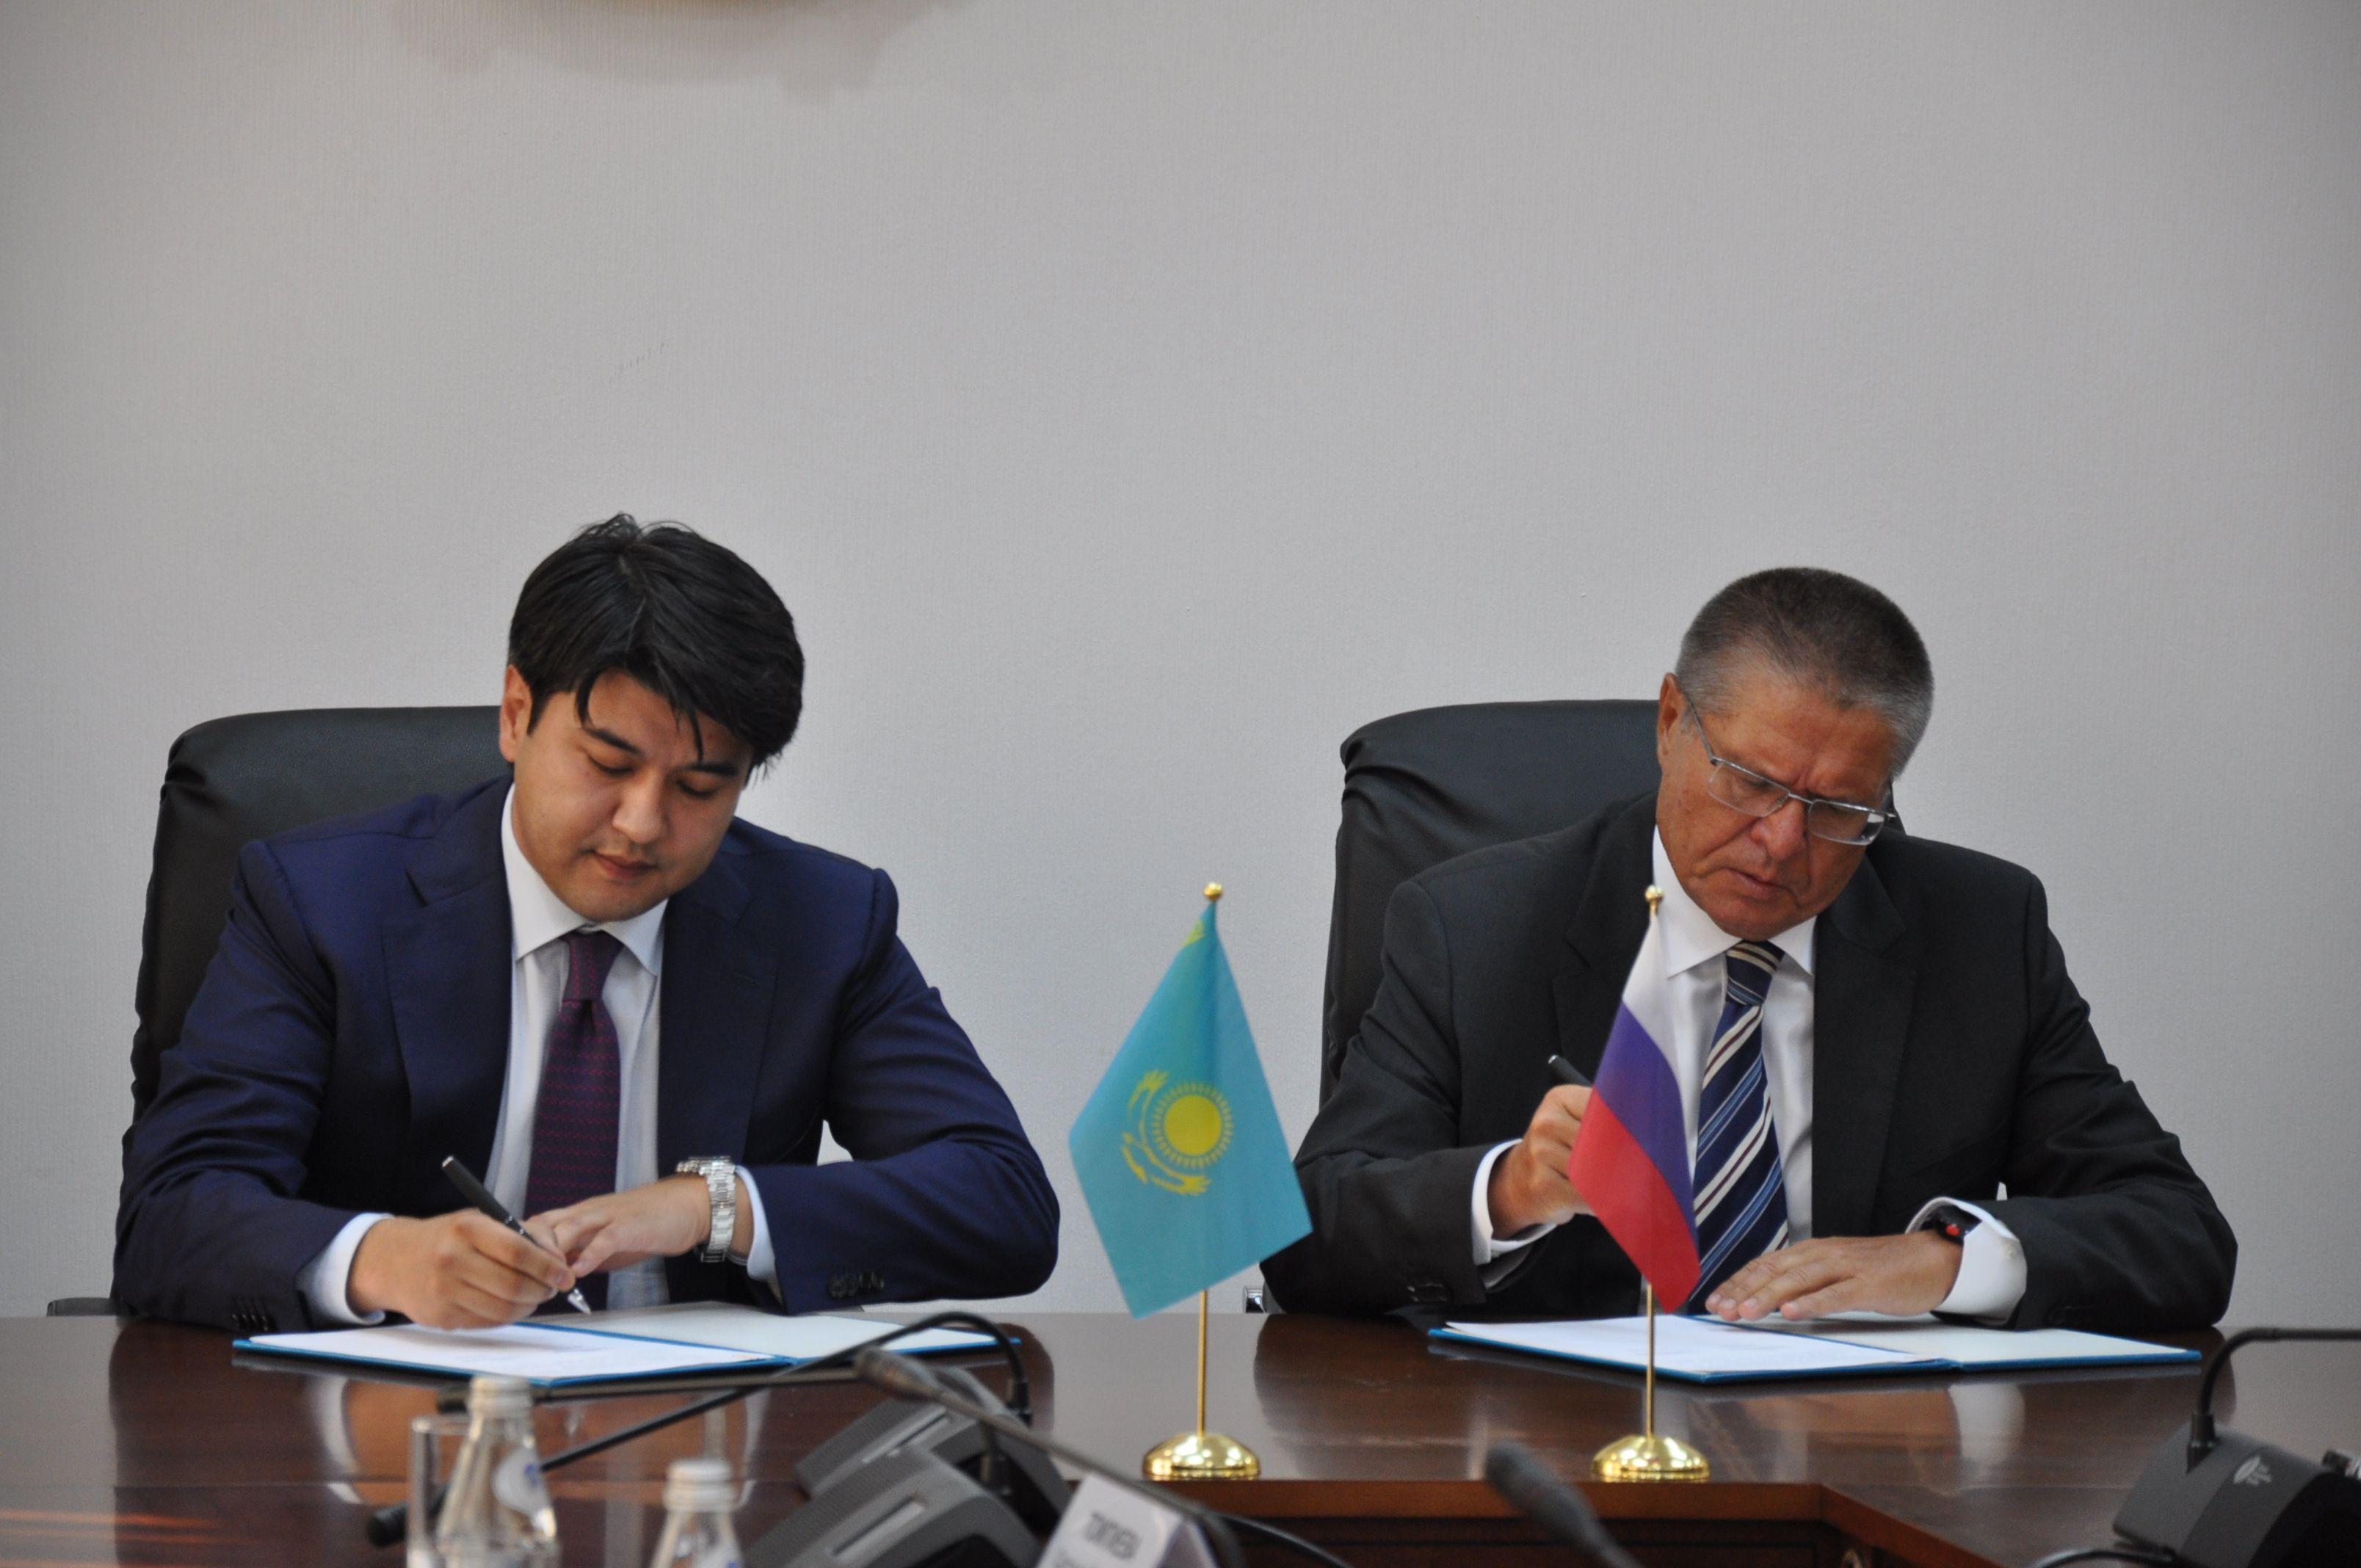 РК и РФ реализуют 27 инвестпроектов на сумму более $4 млрд - Kapital.kz